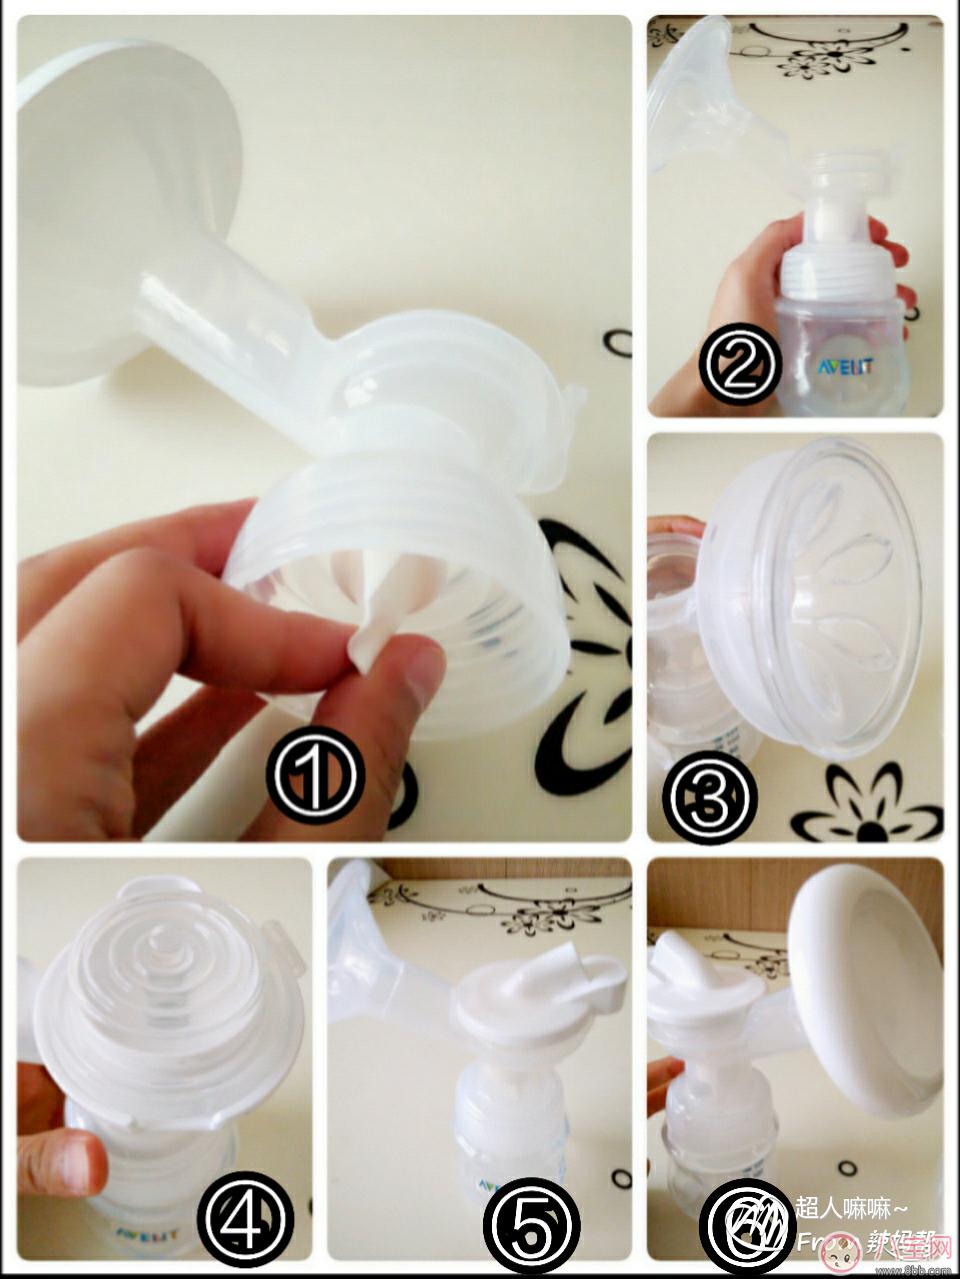 飞利浦电动吸奶器怎么用 飞利浦吸奶器使用说明